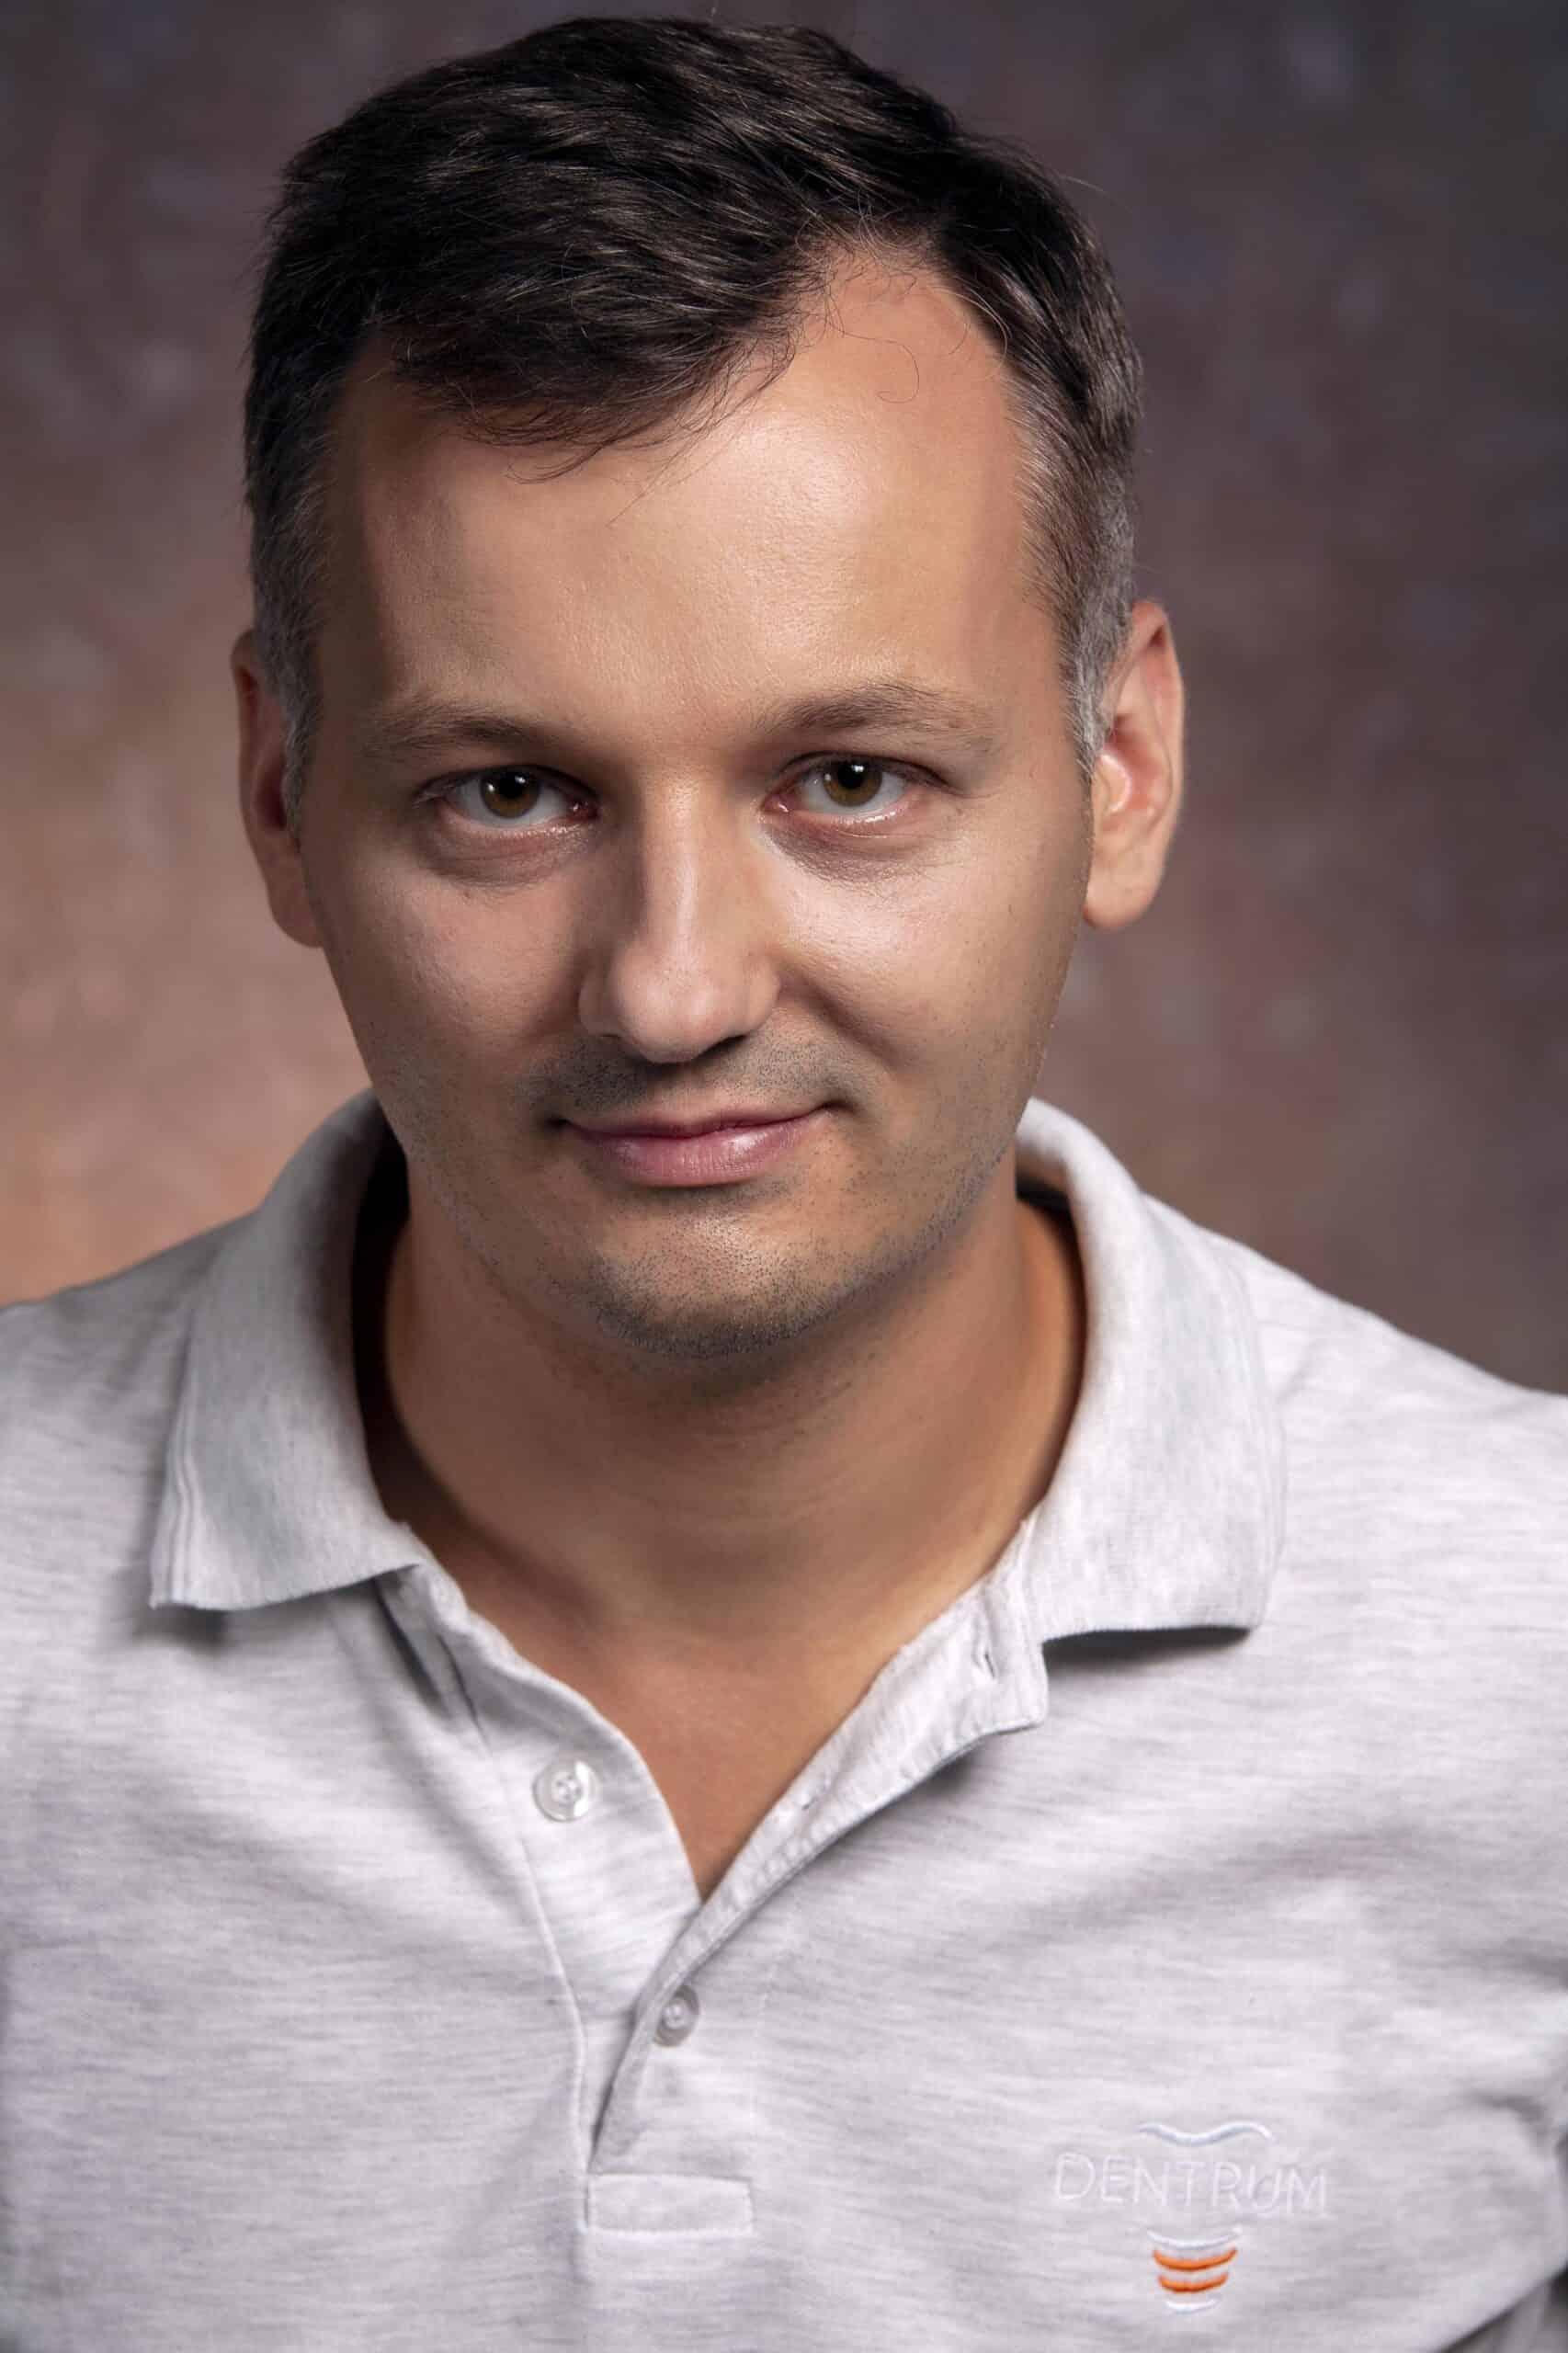 szkolenia implantologiczne Daniel Ciapiński